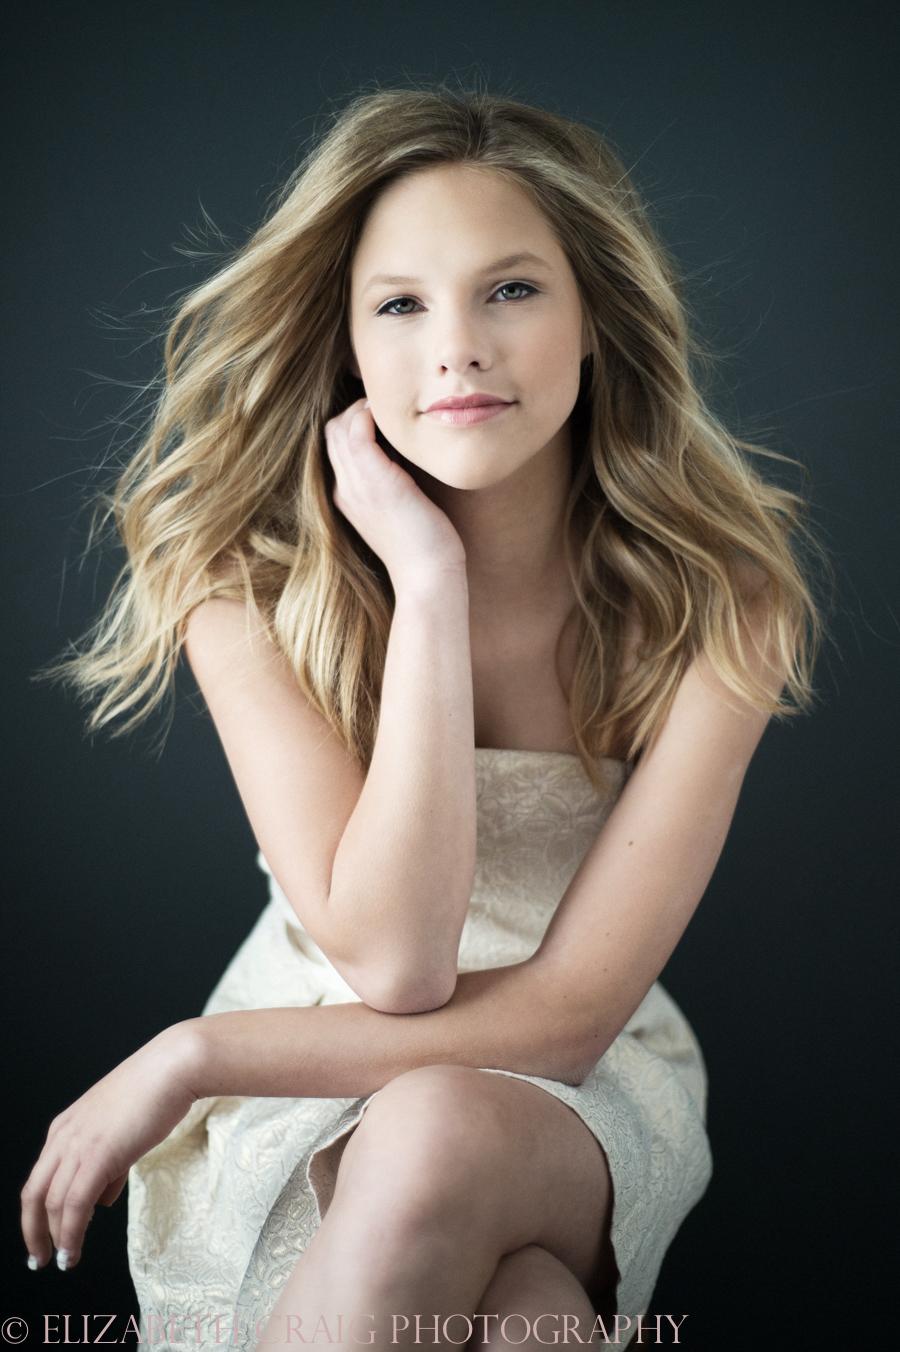 Pittsburgh Teen Girl Beauty Photography   Elizabeth Craig Photography-019